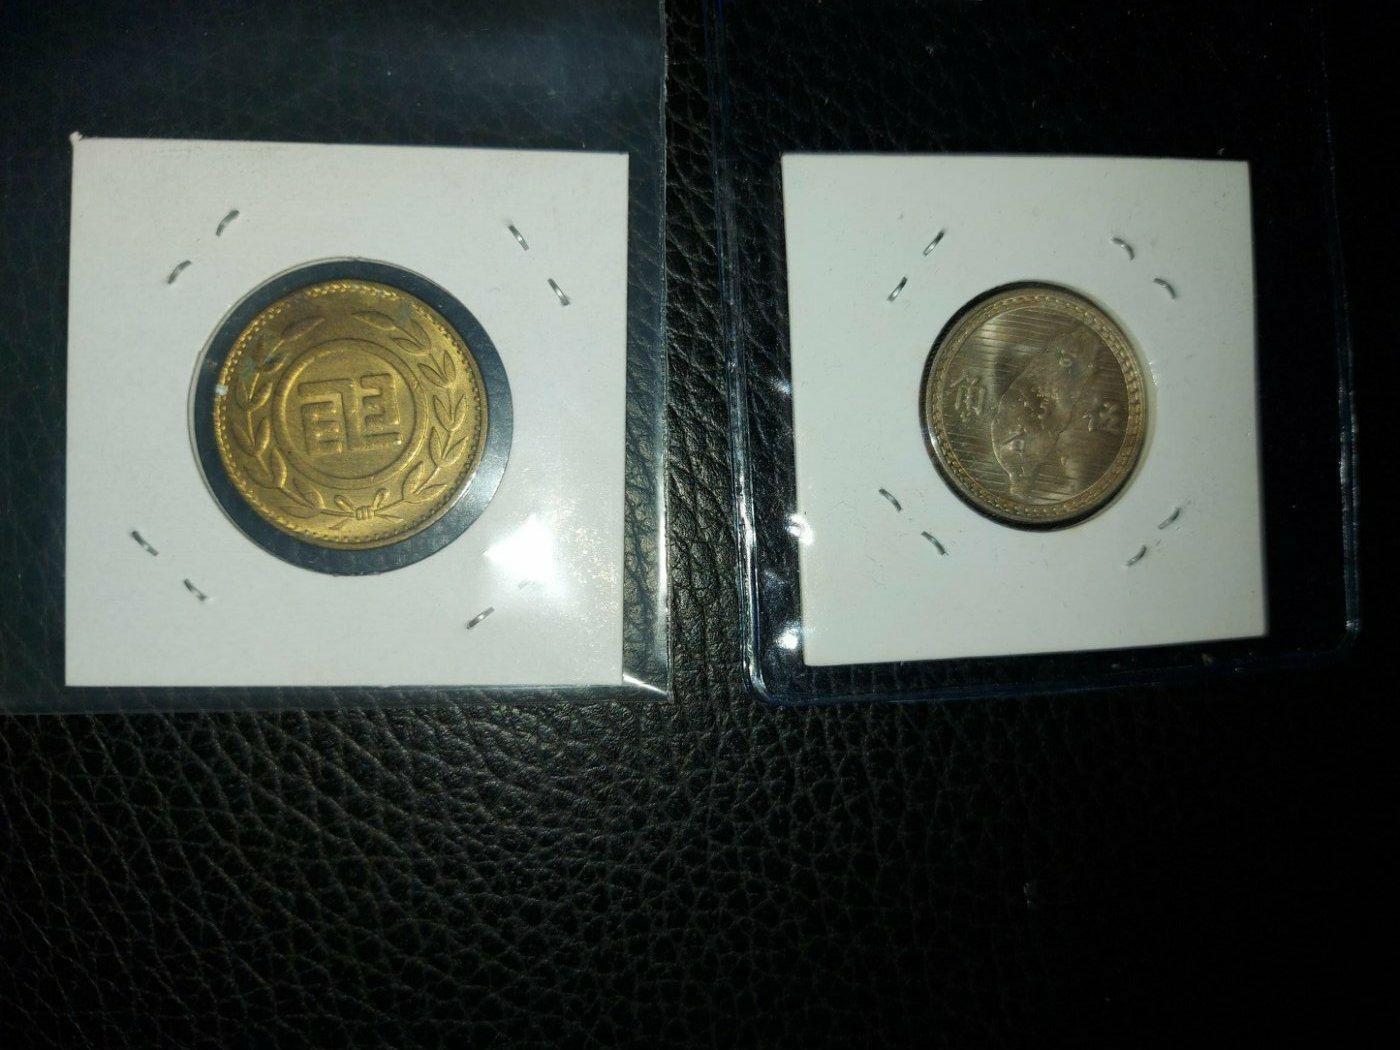 早期公用電話代幣一枚品相佳優+銀幣民國38年(5角/五角/伍角)銀幣一枚品相特優美品;總共2枚一起出售!品項狀態如照片所示~